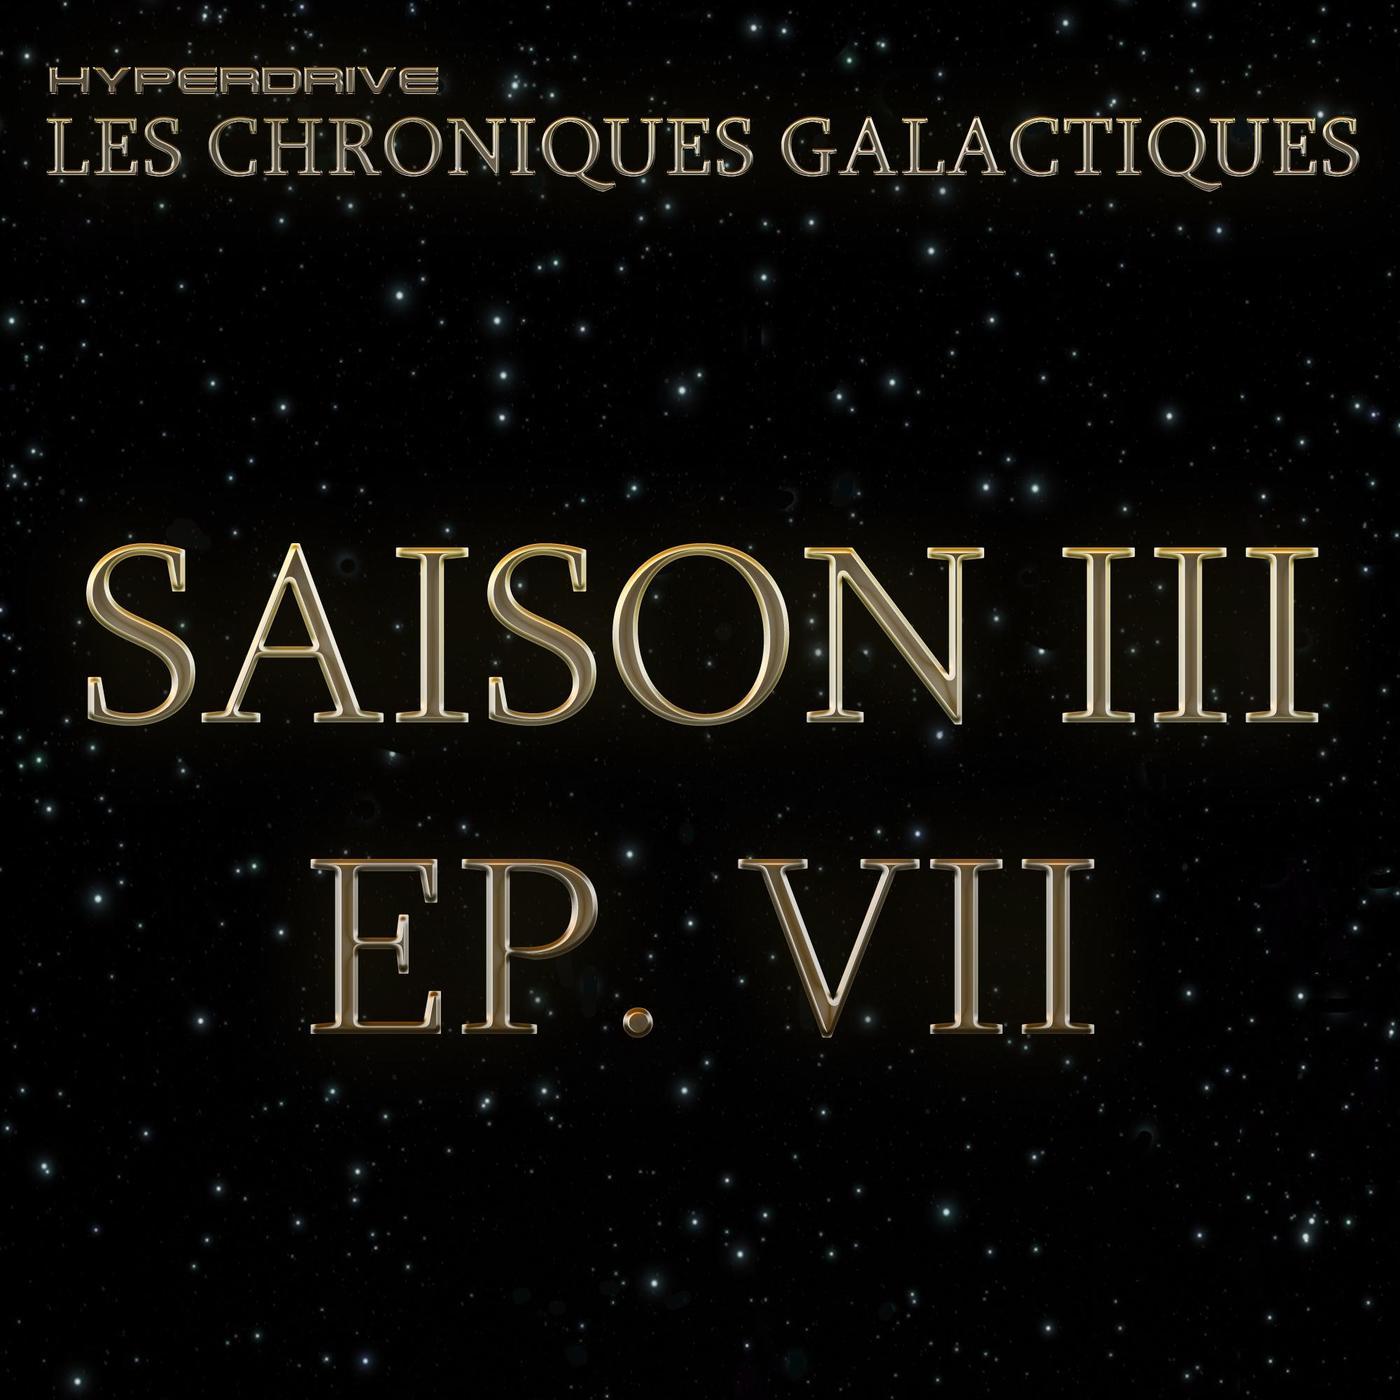 Les Chroniques Galactiques S3 - EP. 7/7 - Gambit